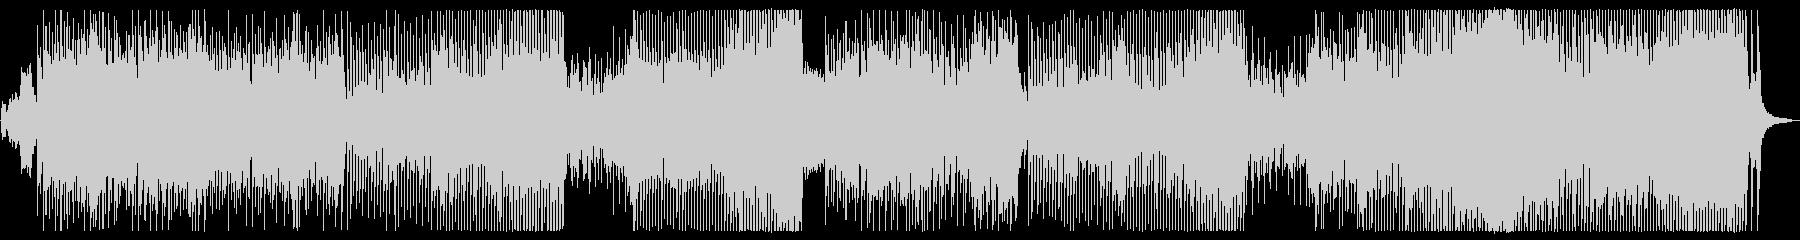 フィガロの結婚 POP remixの未再生の波形